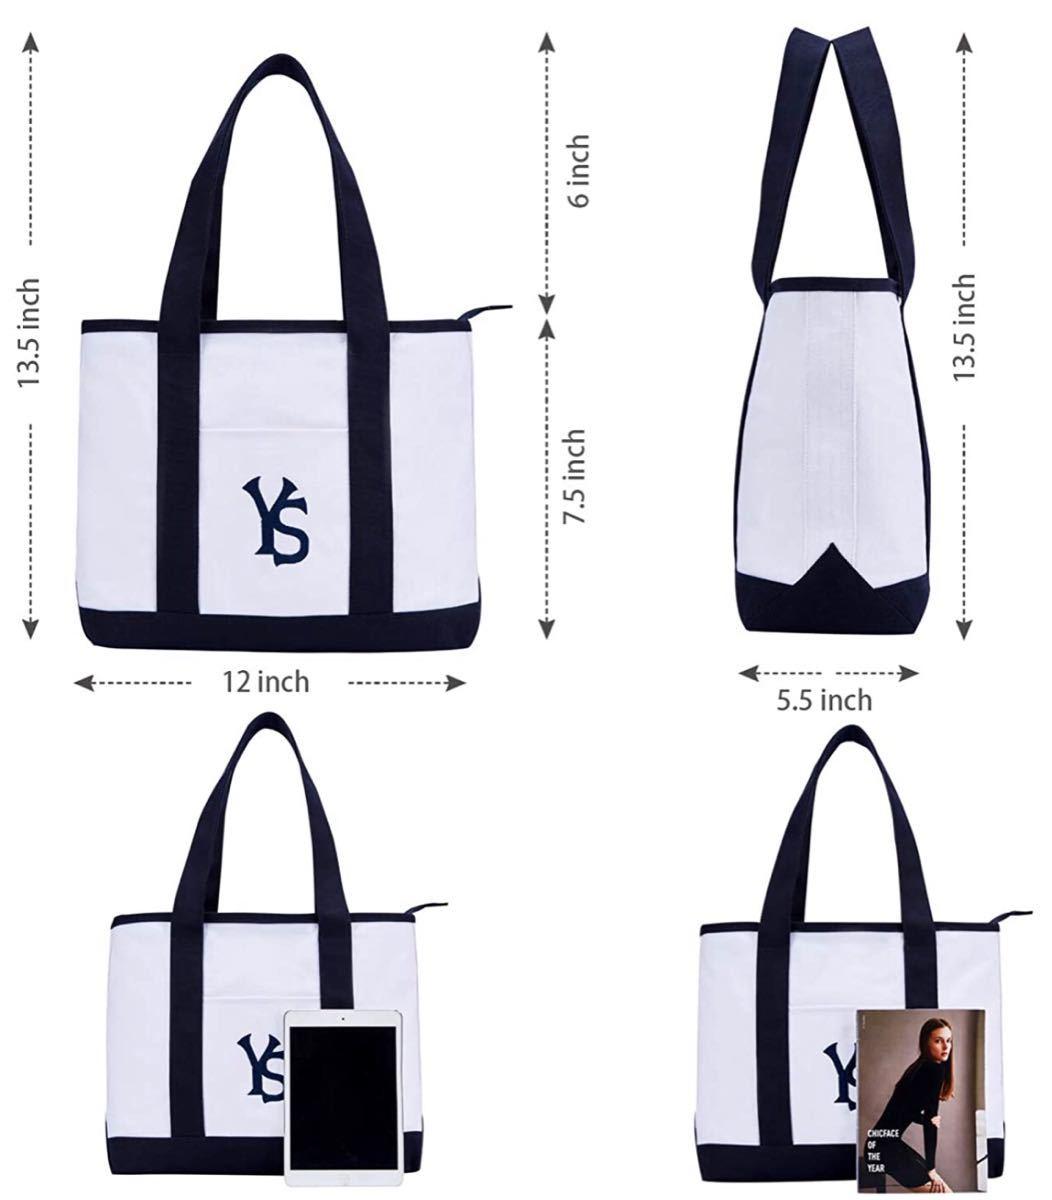 トートバッグ レディース 大容量 A4 通勤 旅行 バッグ ショルダーバッグ コット100% ハンドバッグ キャンバスハンドバッグ